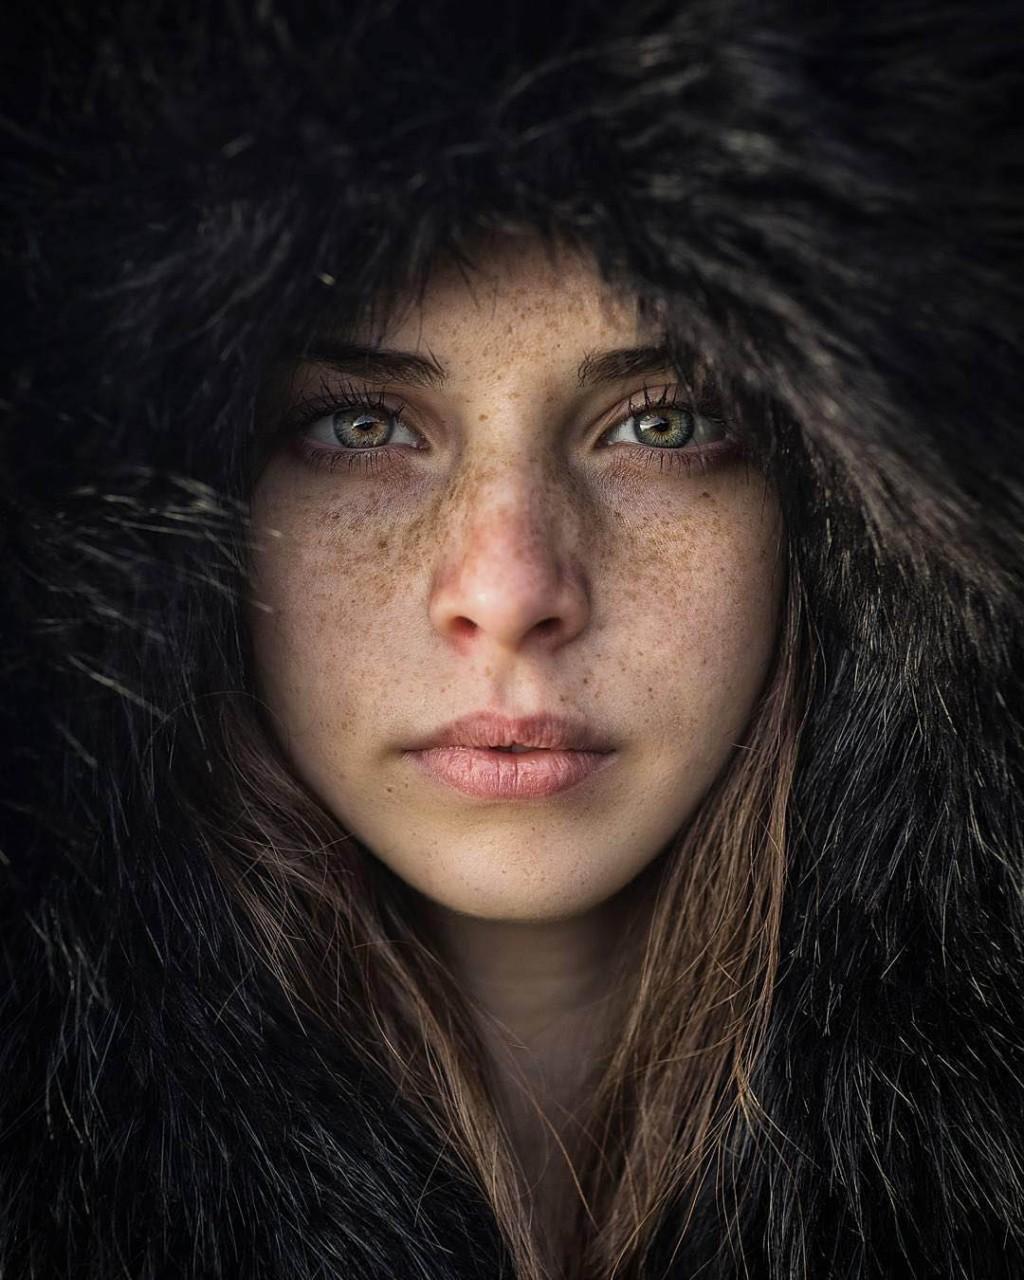 масштабность возведения крутые фото портретные видно